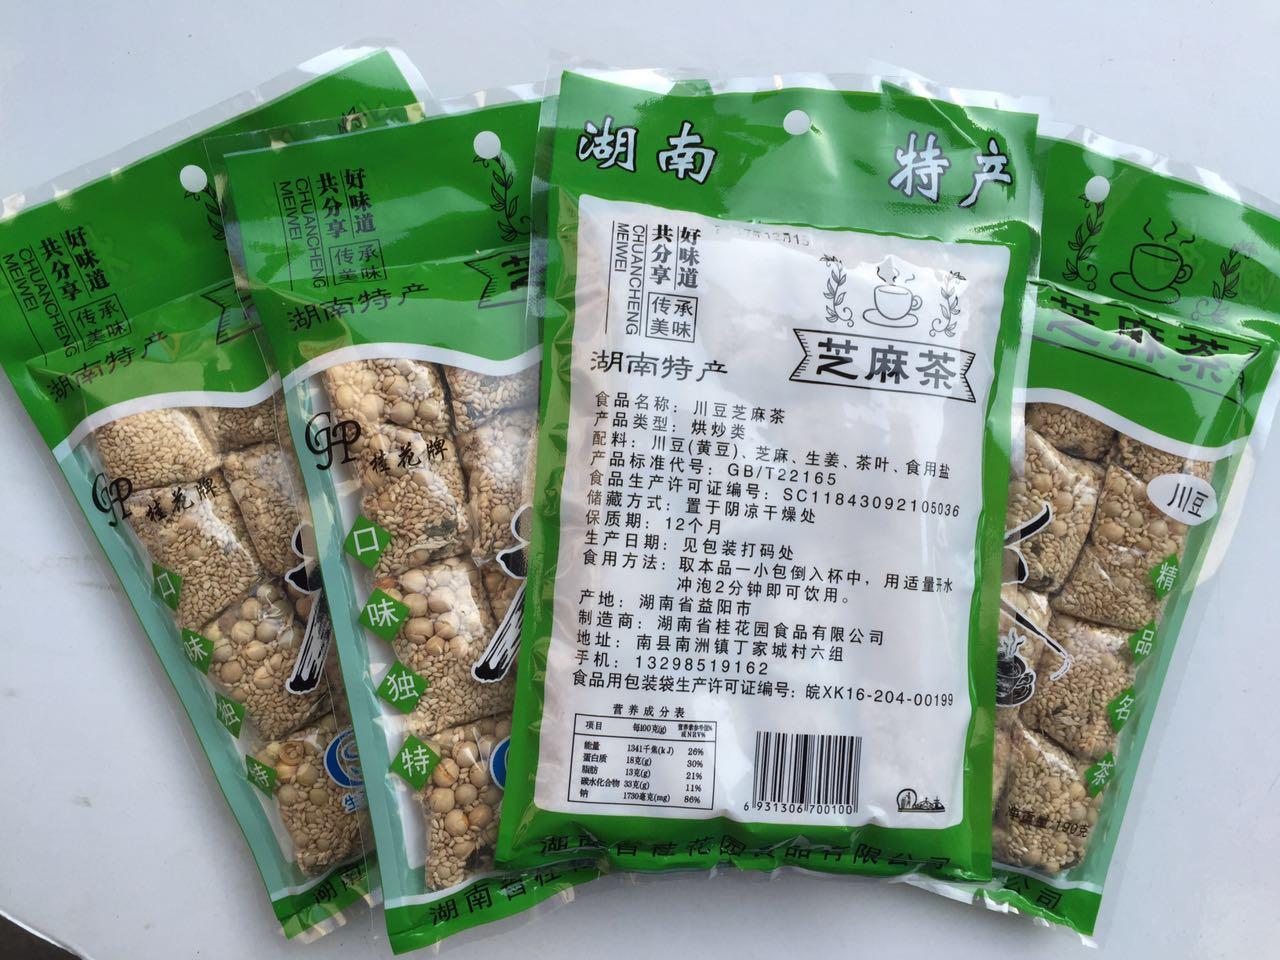 满包邮湖南益阳特产姜盐 豆子芝麻茶 花川豆芝麻茶 190g/包